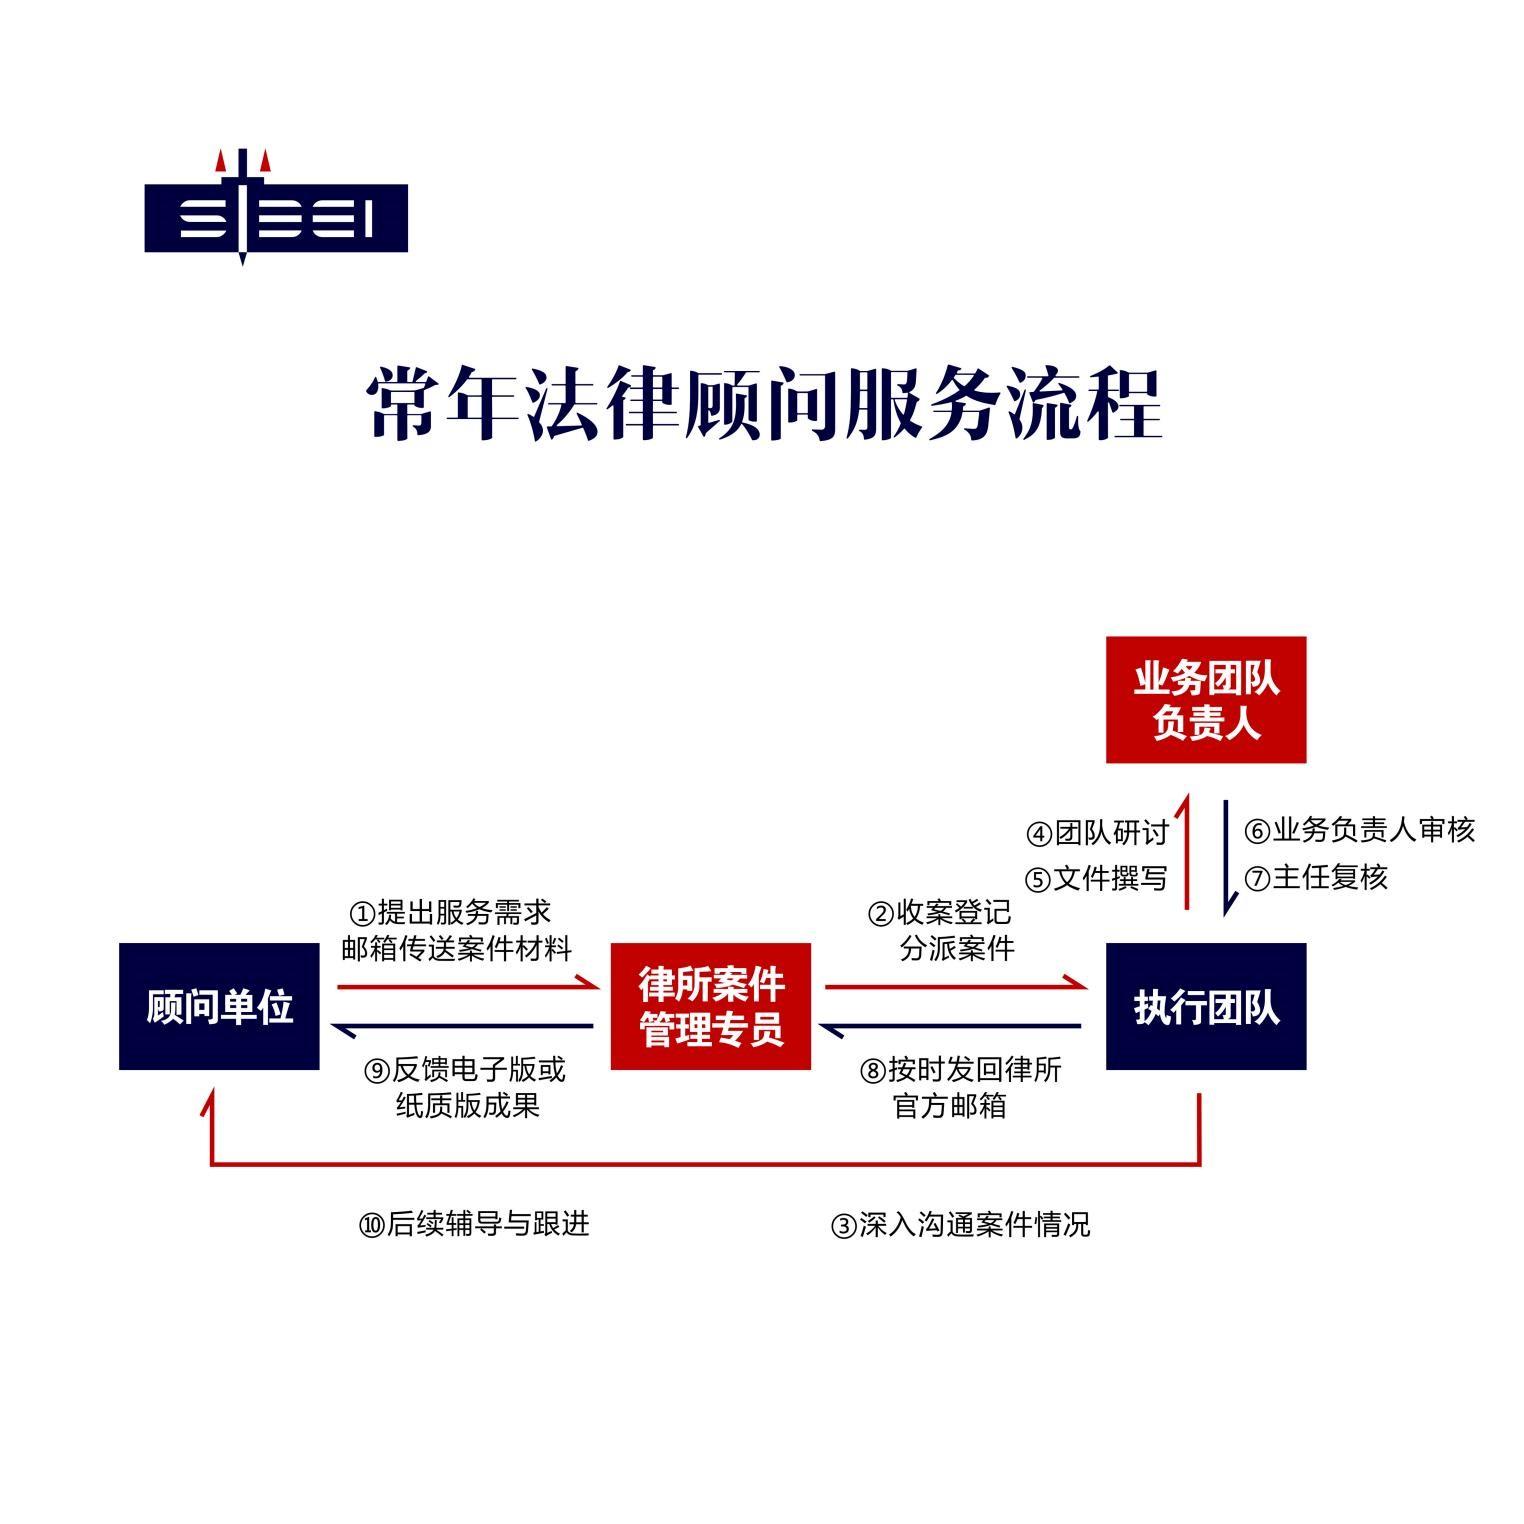 常年法律顾问单位流程.jpg